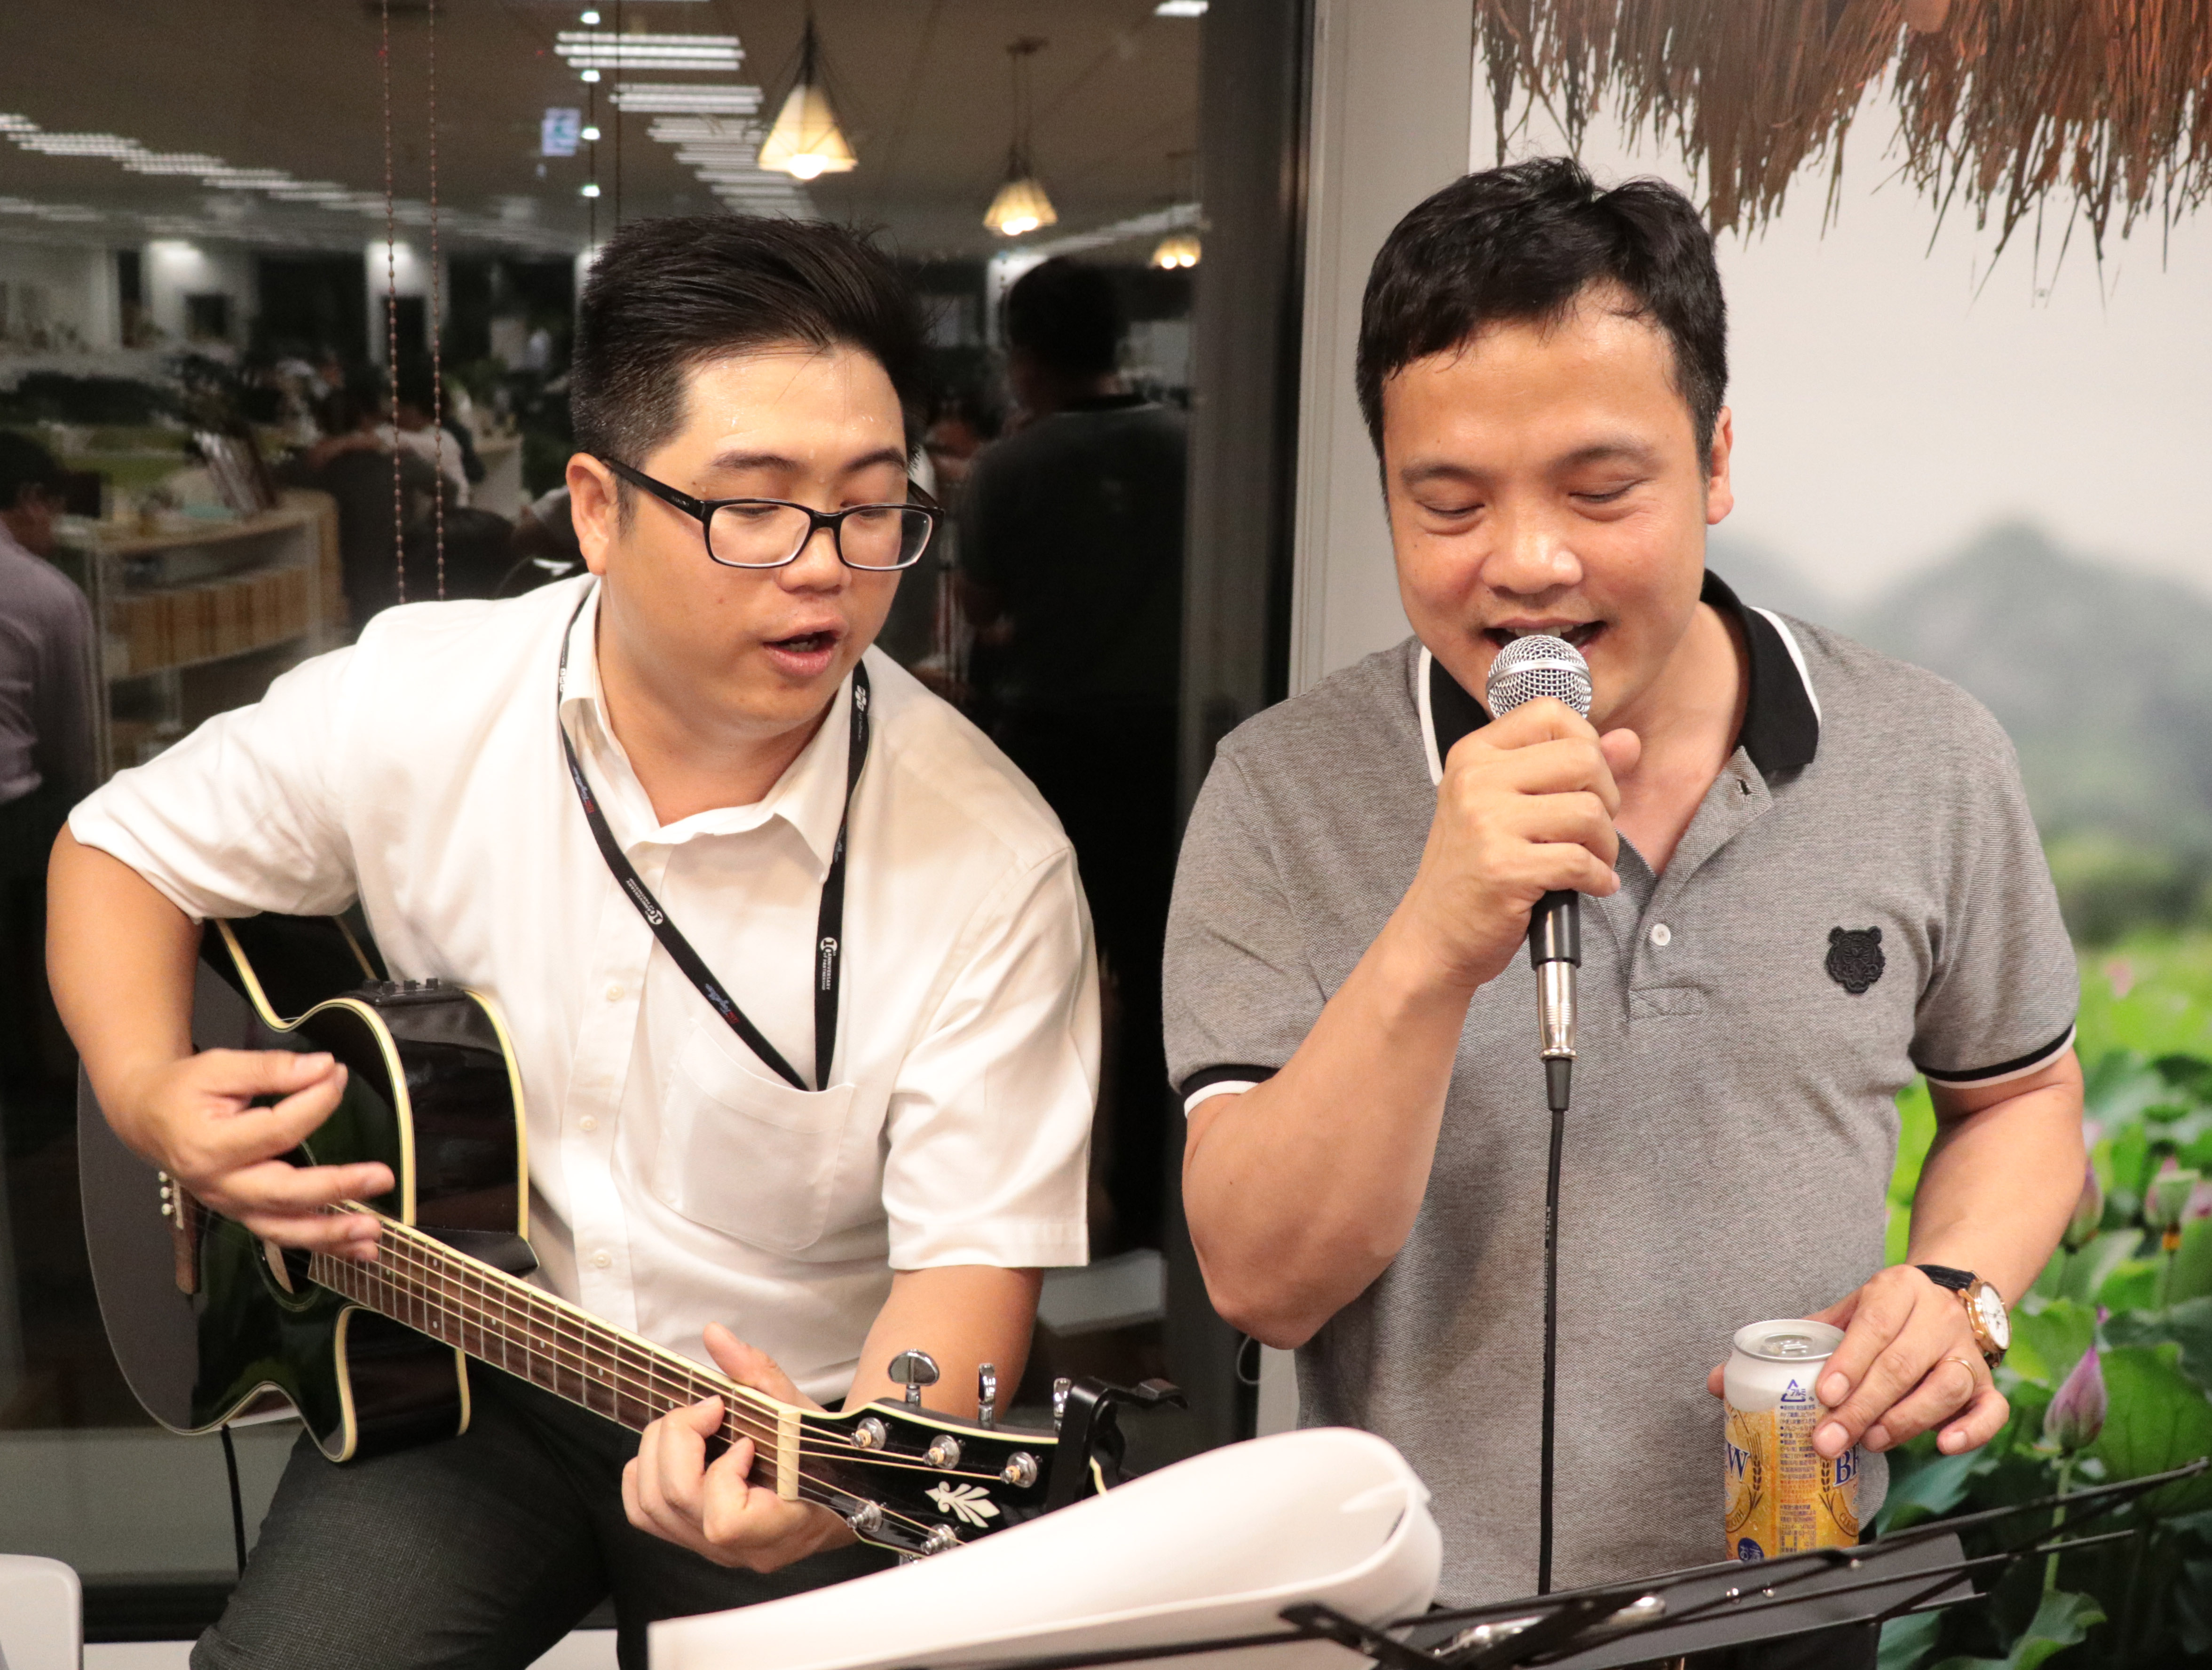 """Trong khi,CEO FPT Nguyễn Văn Khoa thích dòng nhạc trẻ với các ca khúc của Tuấn Hưng. Anh được các chị em FPT hát """"Tan"""" và """"Độc thoại""""."""